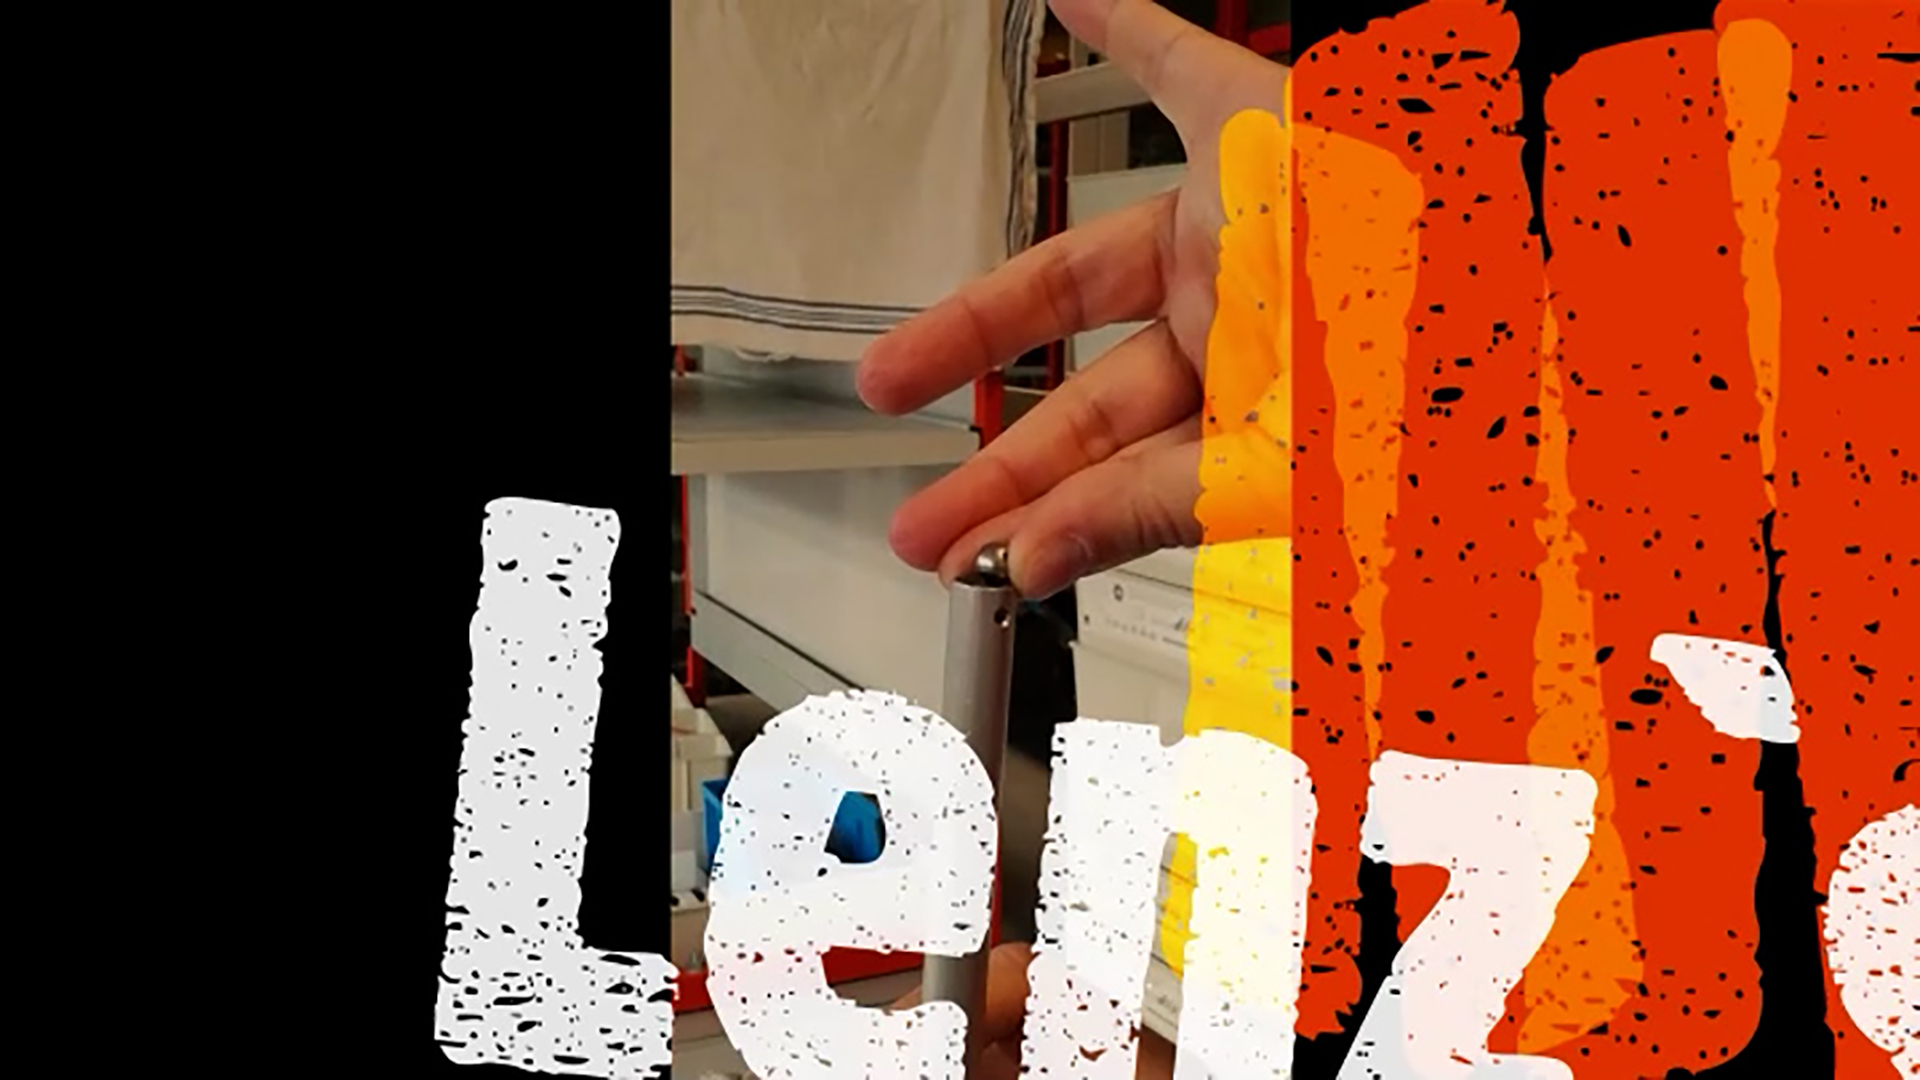 Vorschaubild Video Physik - Lenz'sche Roehre auf der Seite Tag der offenen Tuer